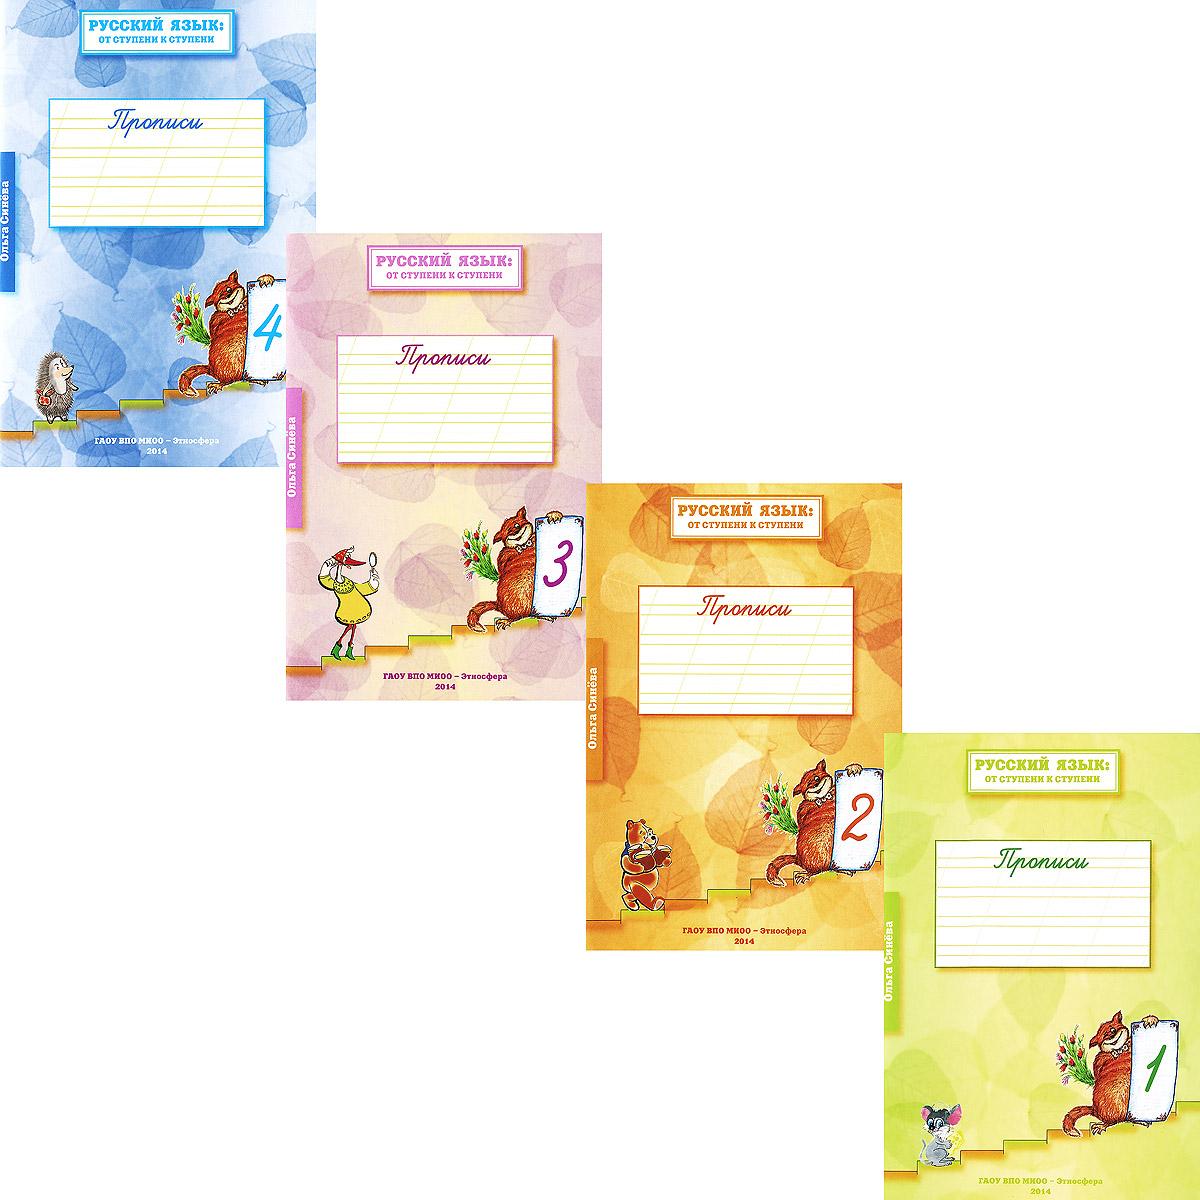 Русский язык. От ступени к ступени. Прописи (комплект из 4 тетрадей) ( 978-5-93125-102-8, 978-5-93125-131-8, 978-5-93125-133-2, 978-5-93125-134-9, 978-5-93125-135-6 )